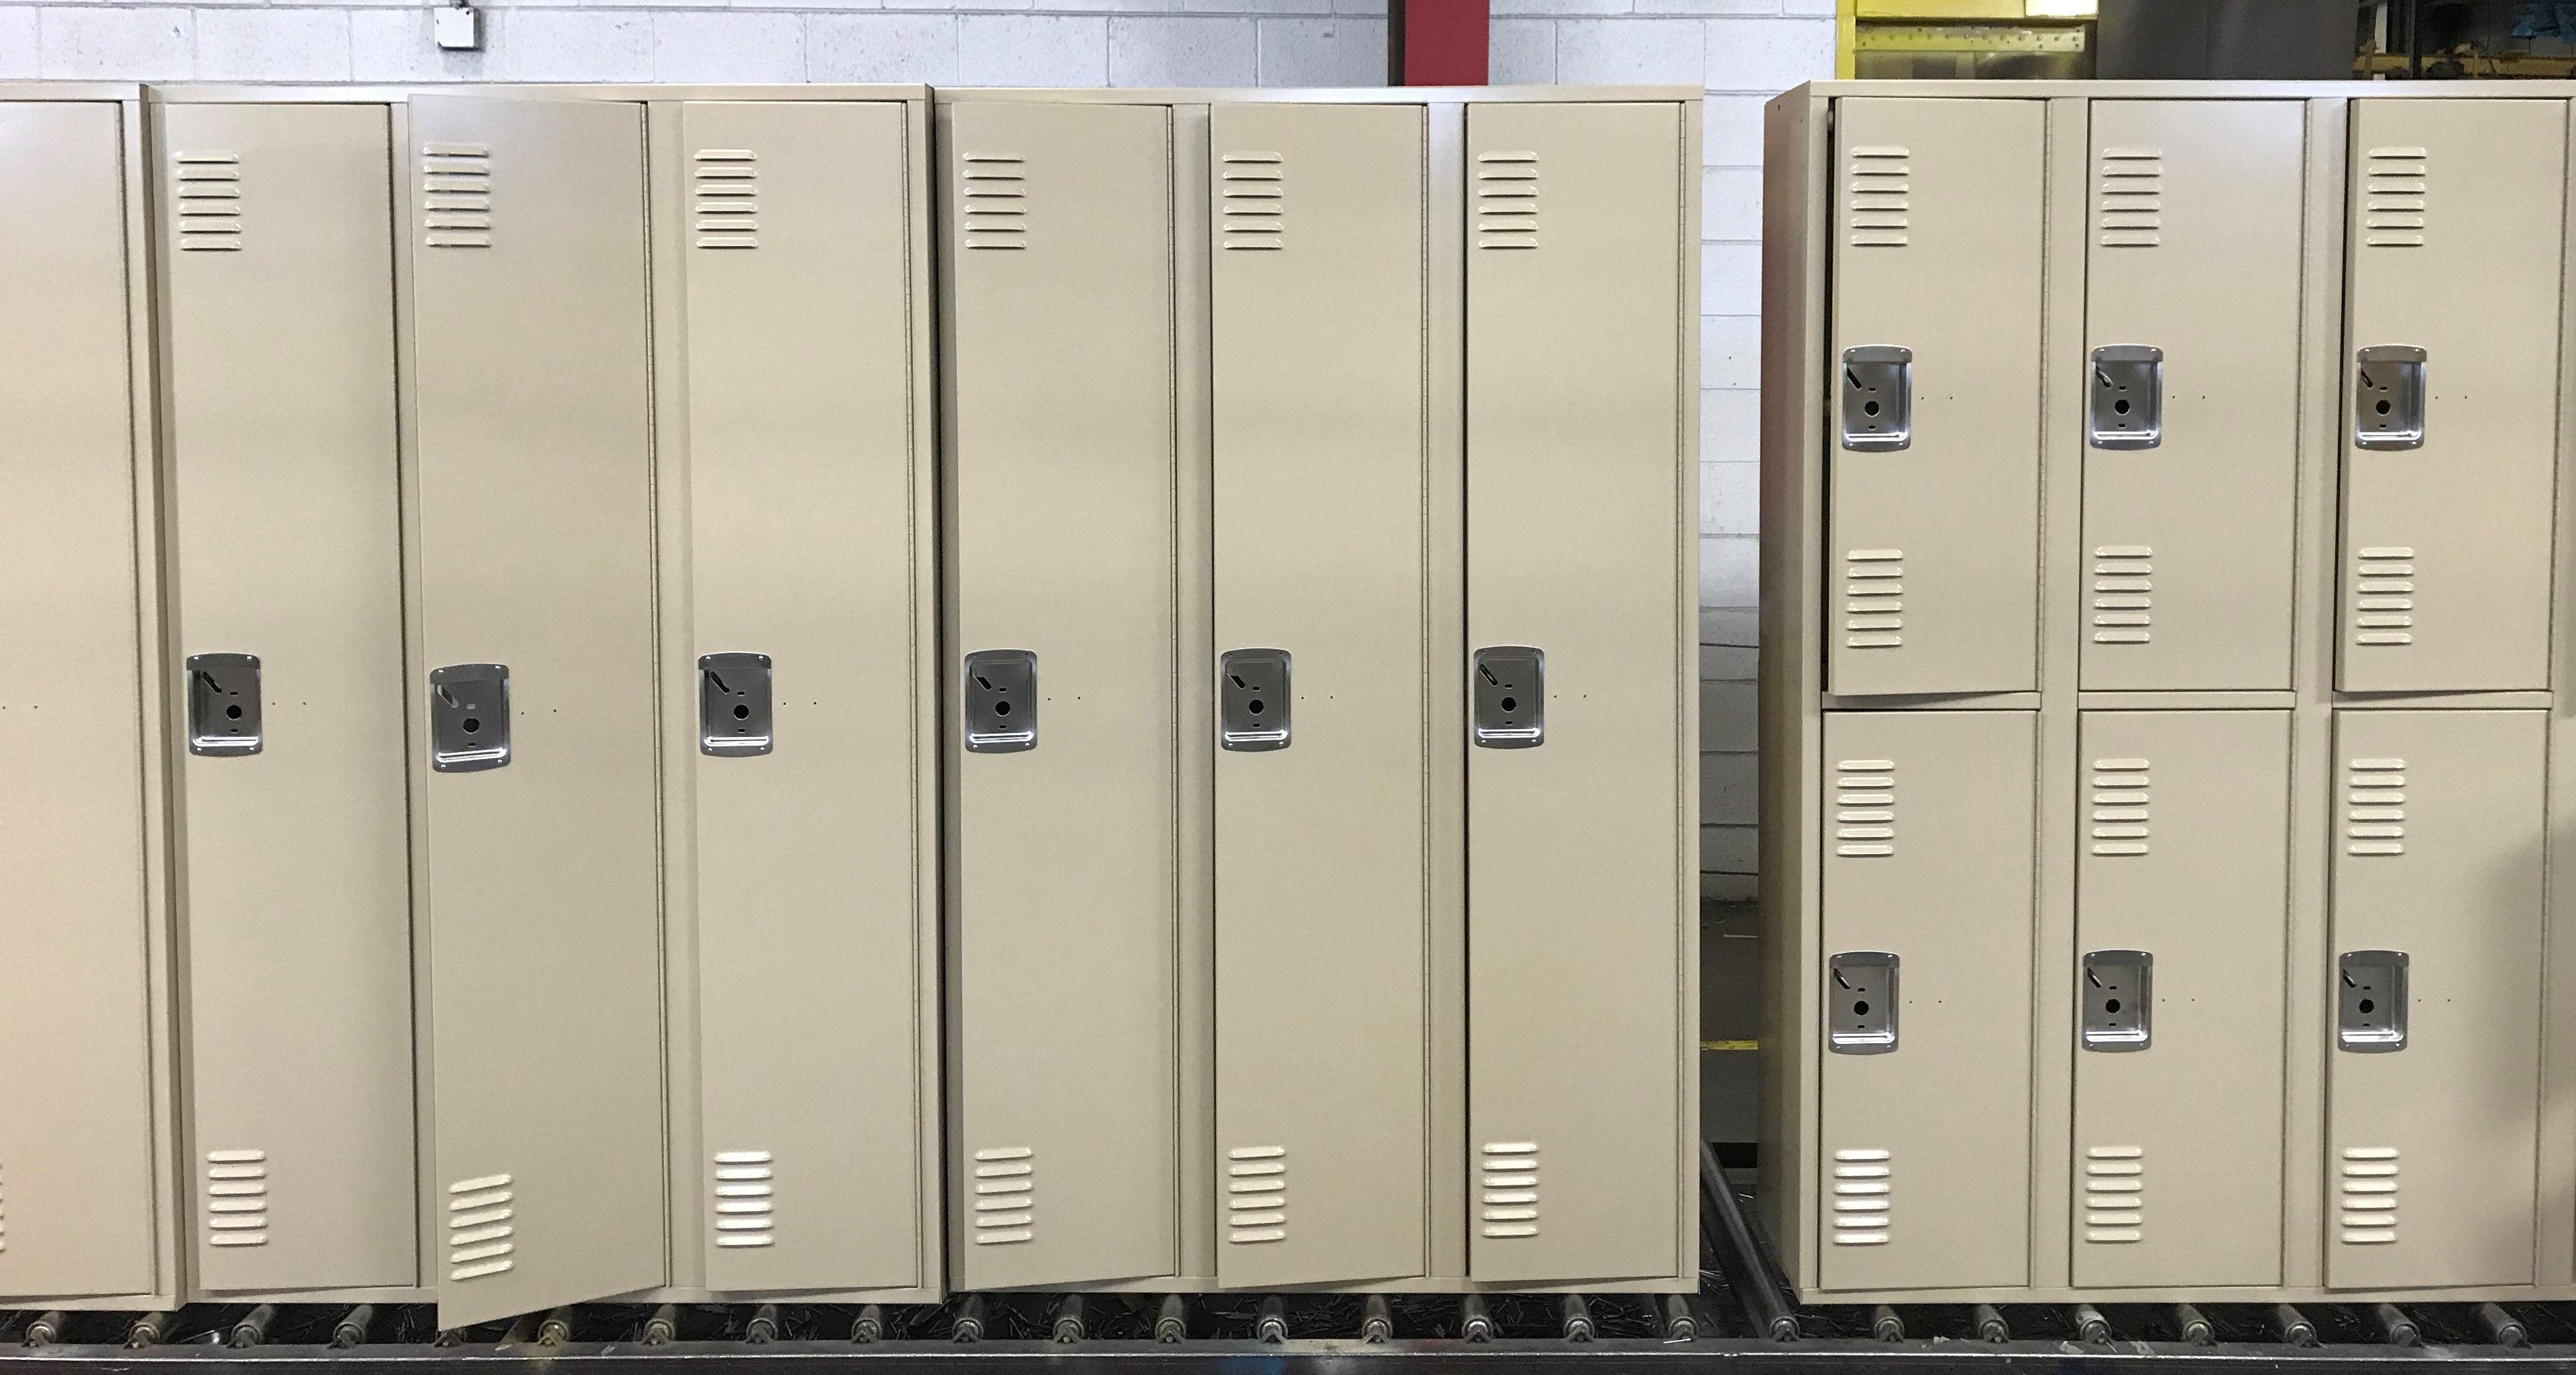 Pin By Debourgh All American Lockers On Northrop Hs Fort Wayne In Debourgh Lockers Locker Storage Lockers Storage